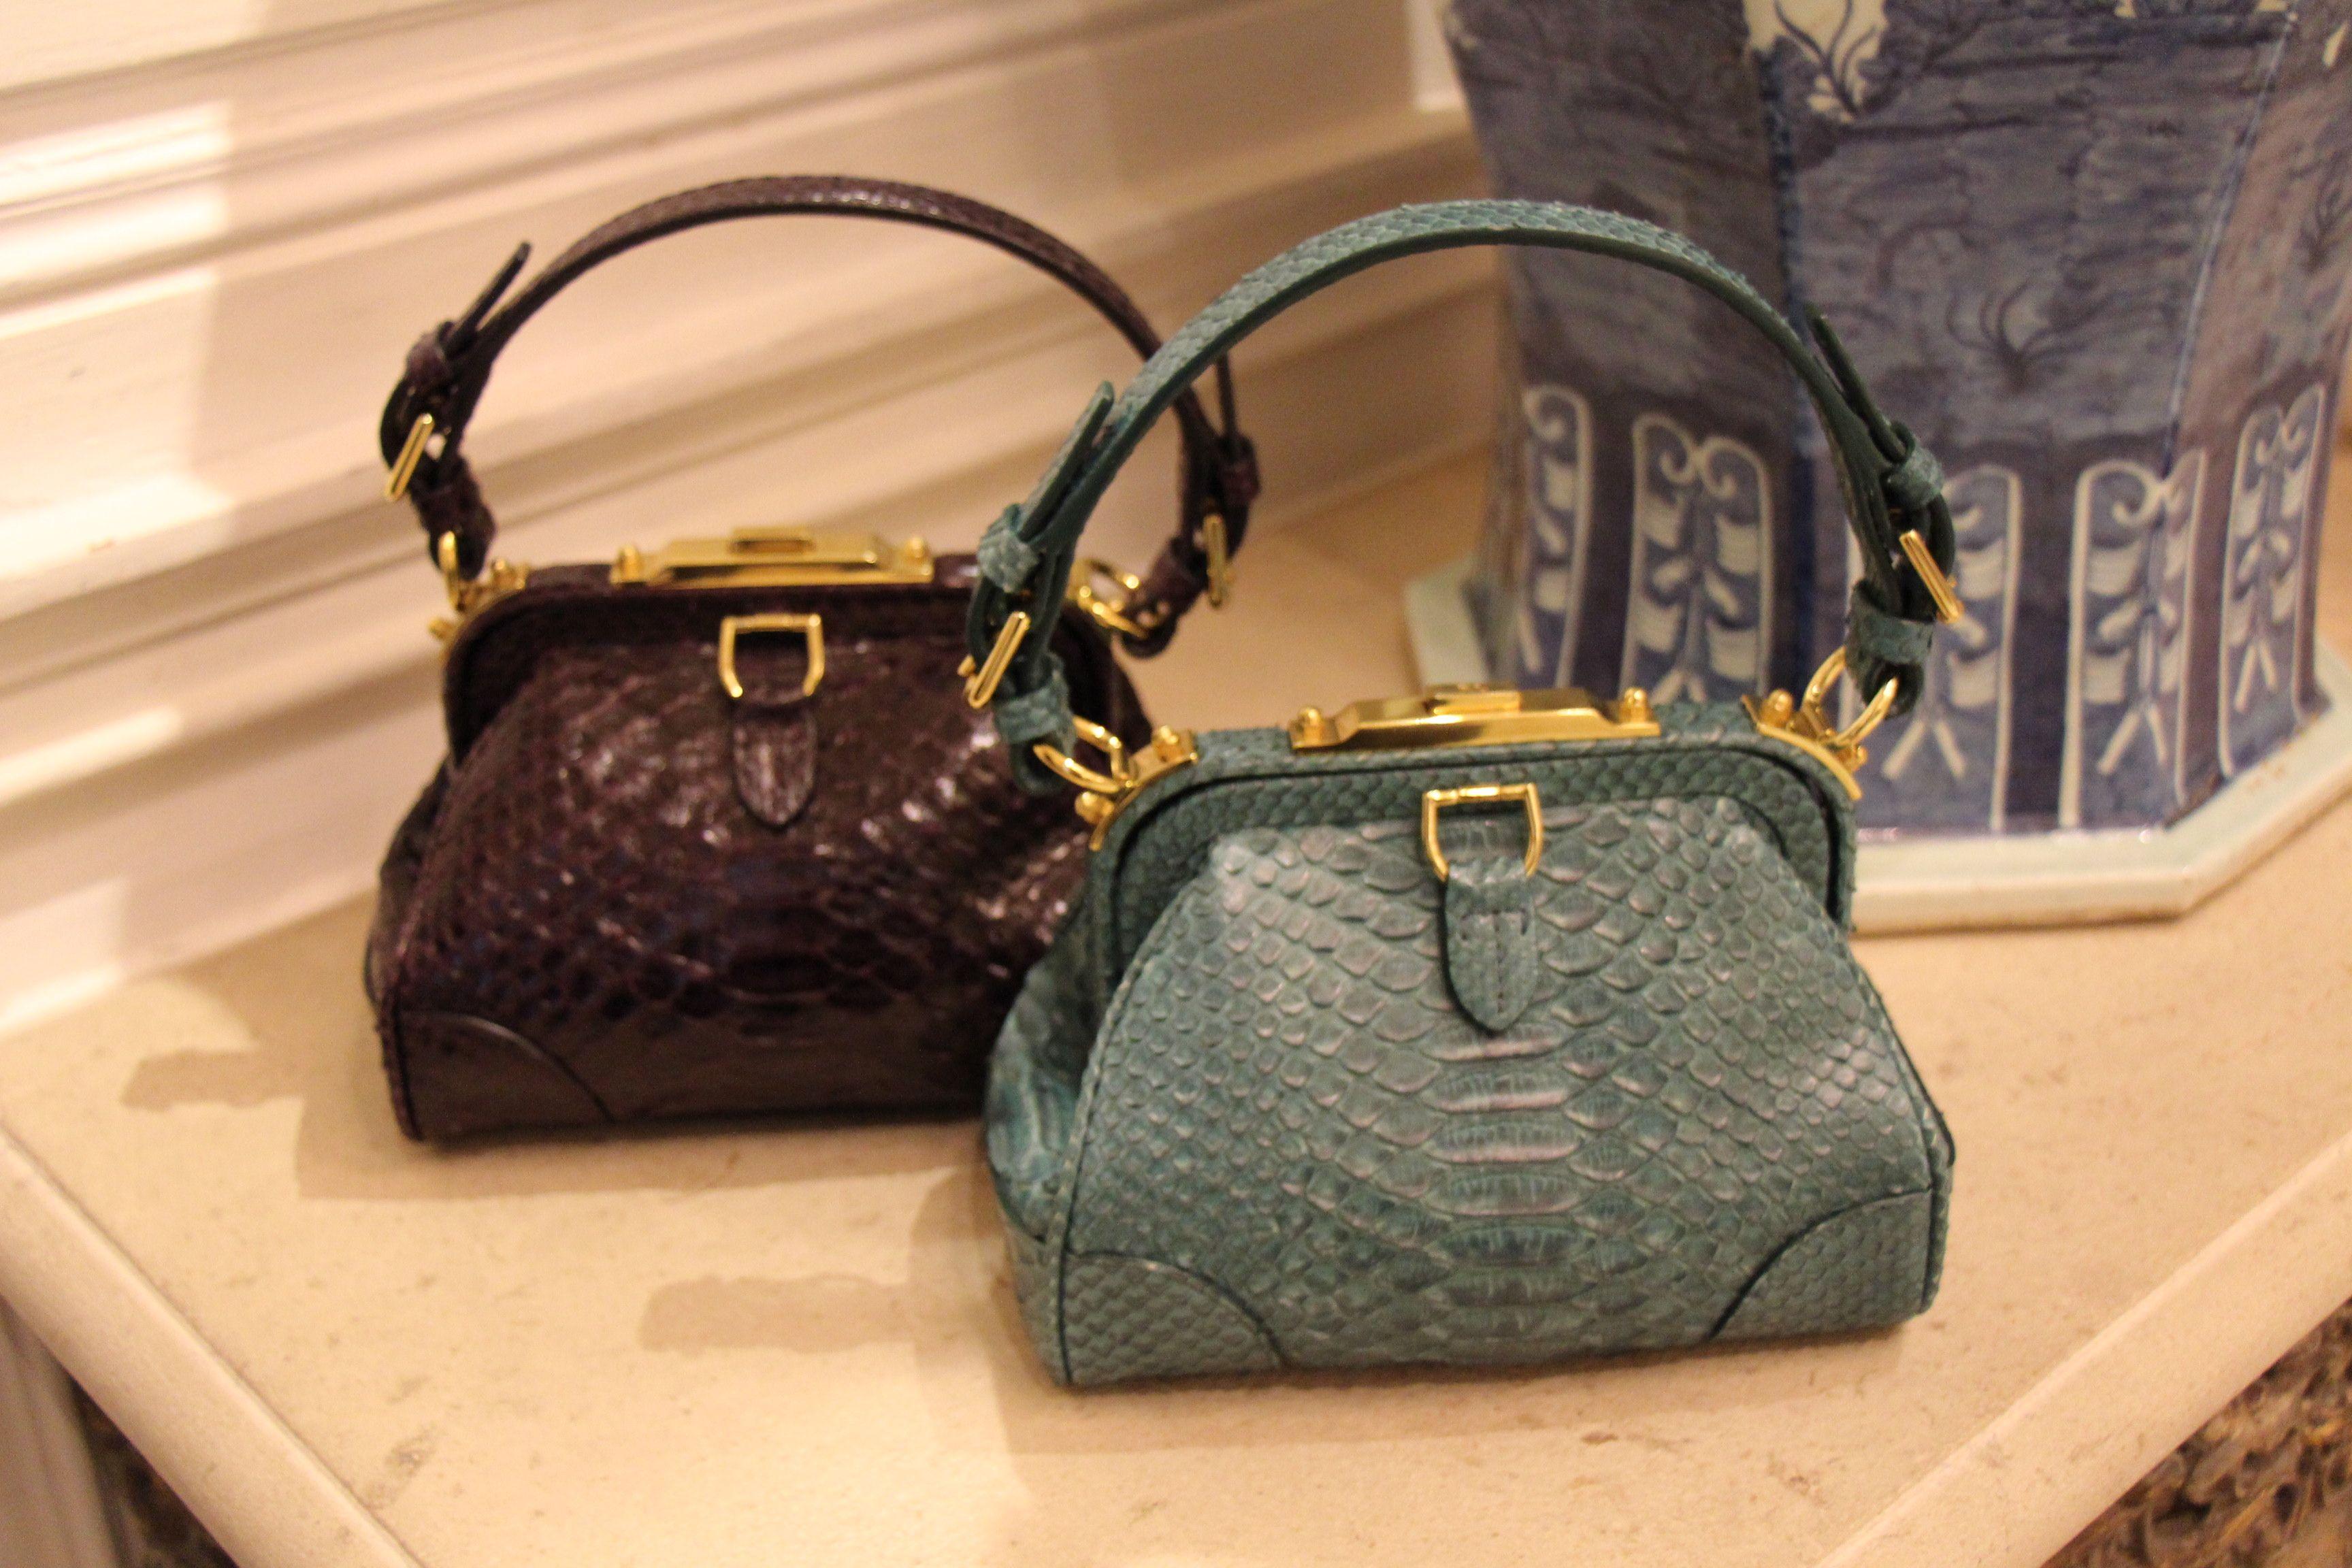 Ralph Lauren madison bag snakeskin turquoise or